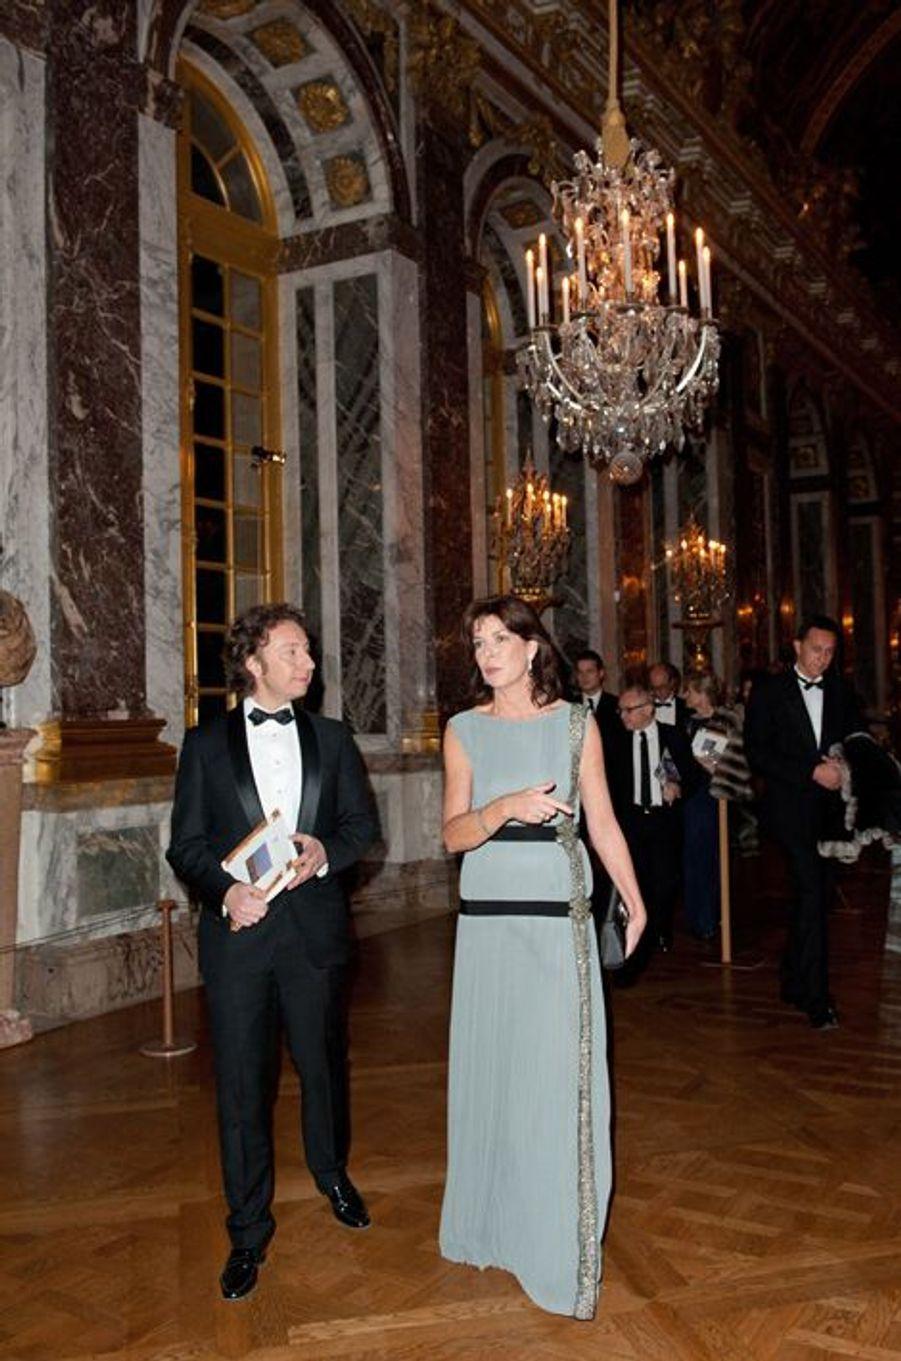 La princesse Caroline de Monaco avec Stéphane Bern au château de Versailles, le 6 décembre 2010